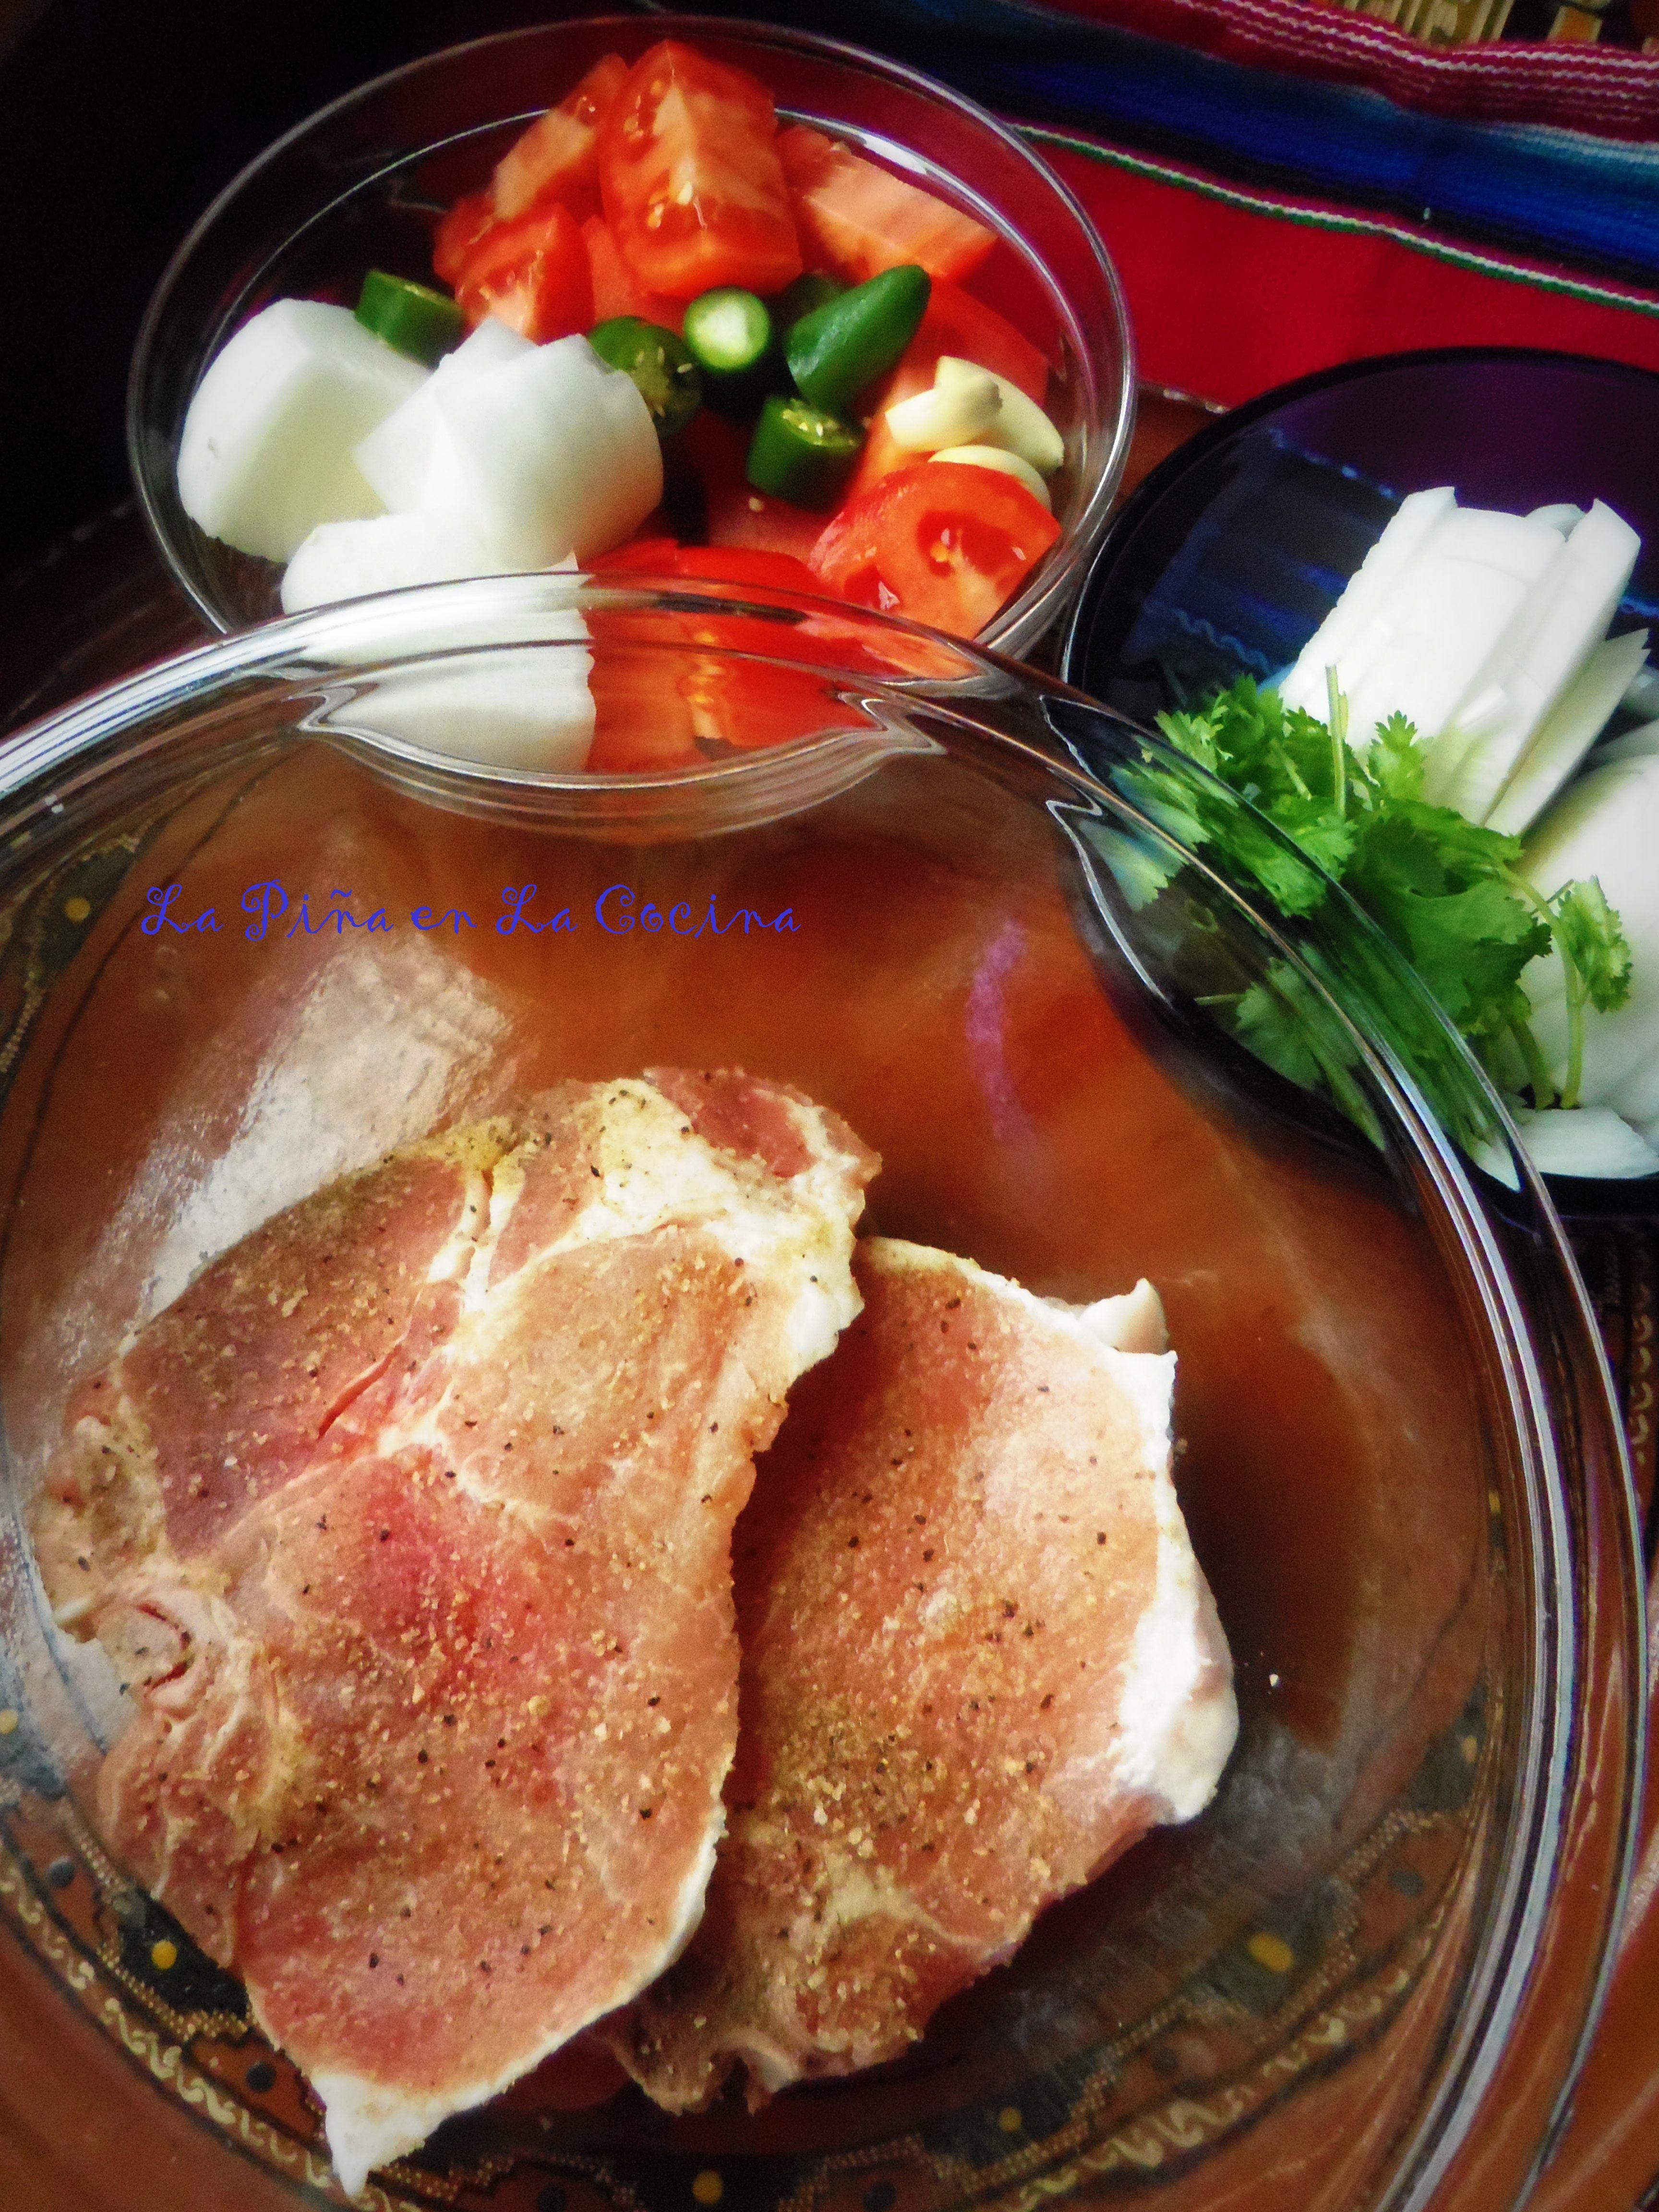 Chuletas De Puerco En Salsa Pork Chops Braised In A Fresh Tomato Salsa La Piña En La Cocina Recipe Pork Mexican Food Recipes Recipes